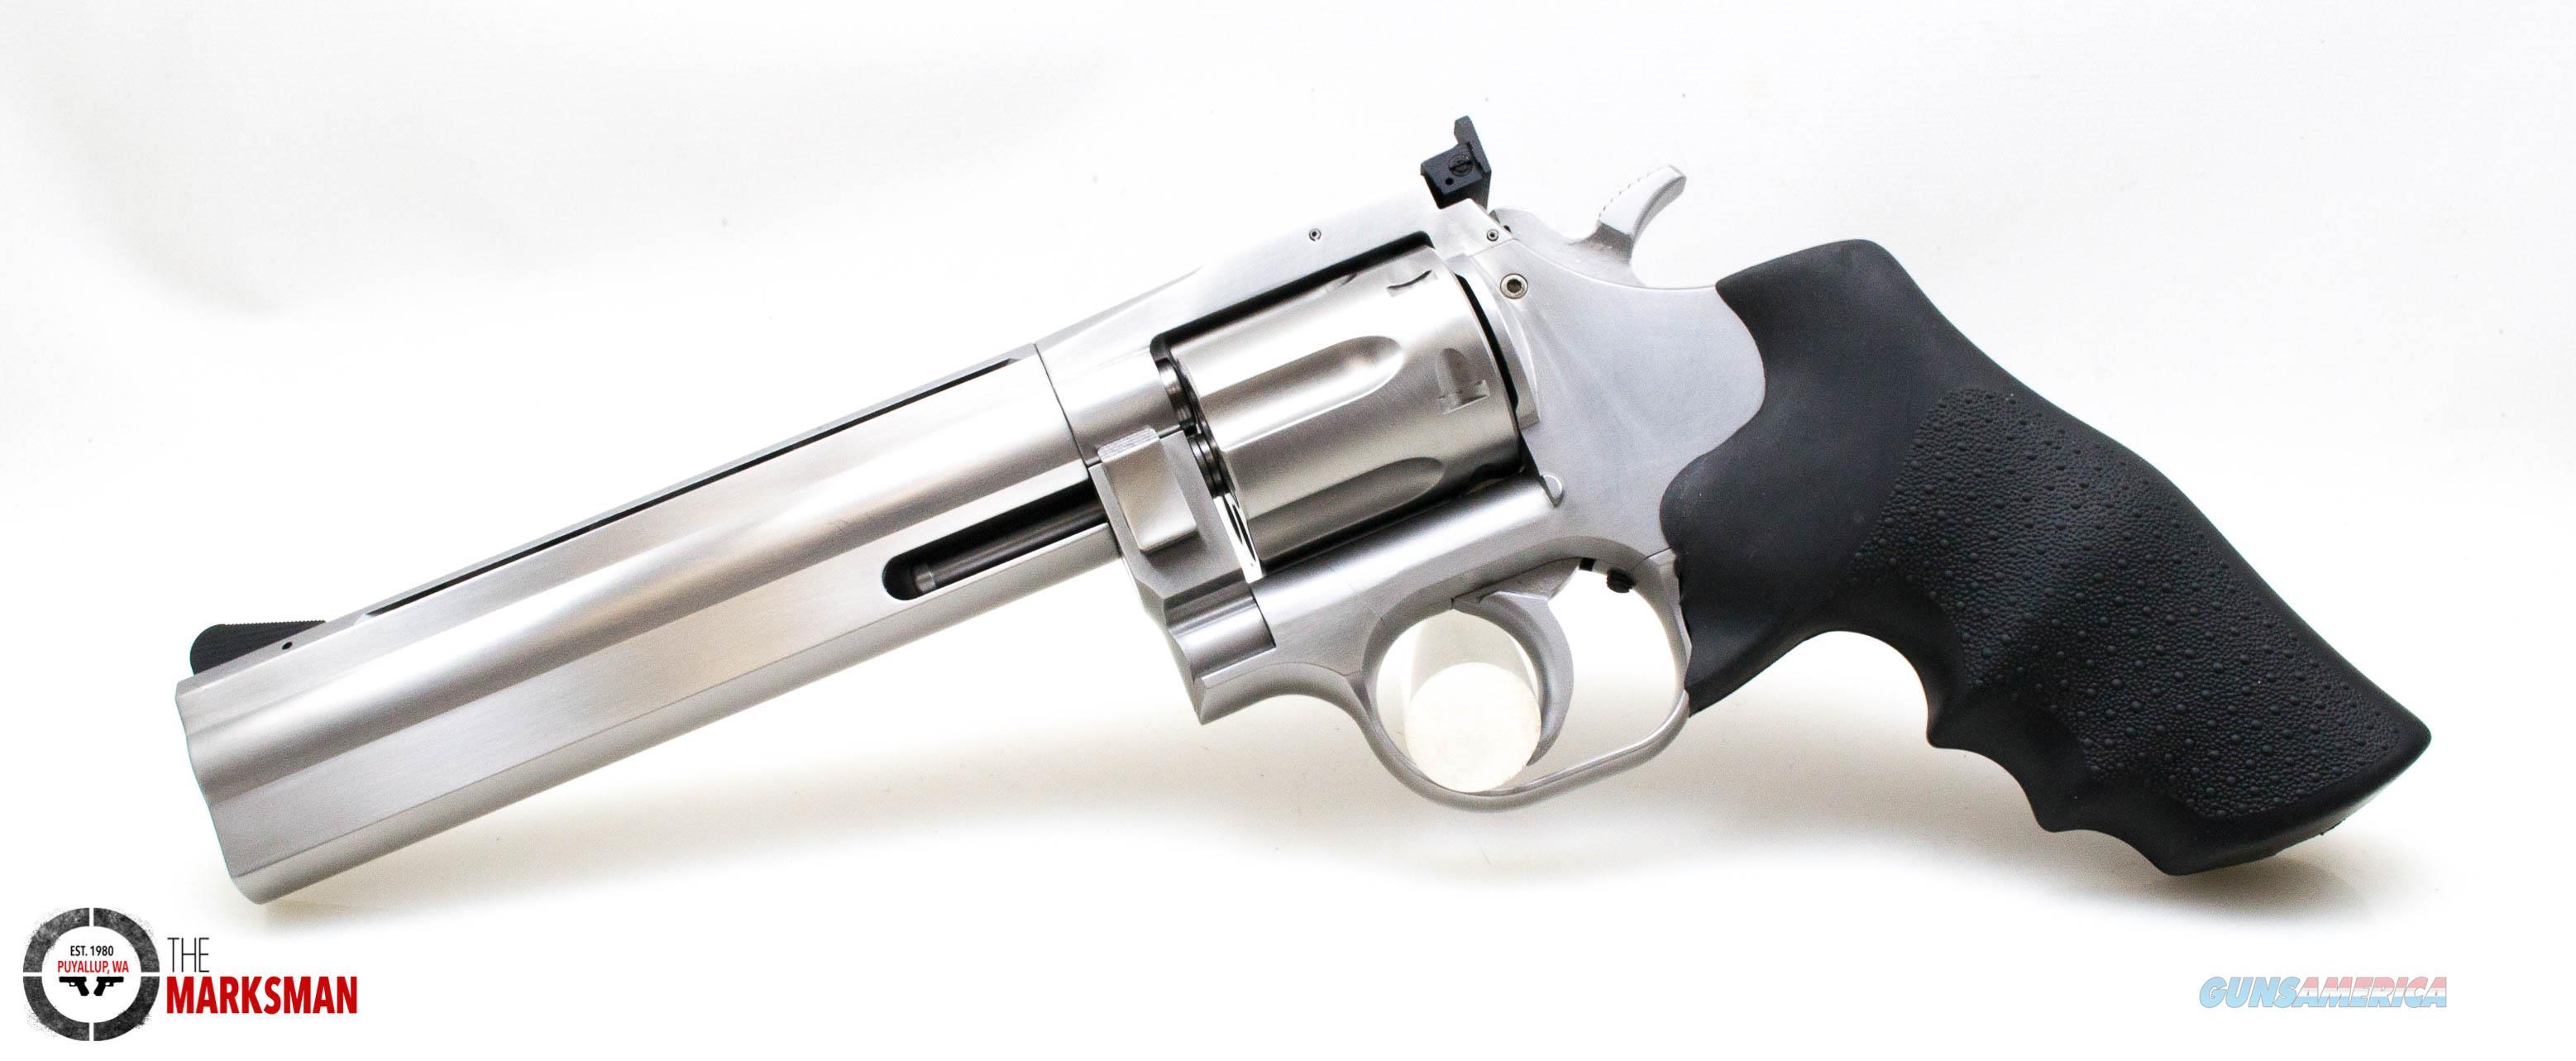 Dan Wesson 715, .357 Magnum, Blemished Model  Guns > Pistols > Dan Wesson Pistols/Revolvers > Revolvers